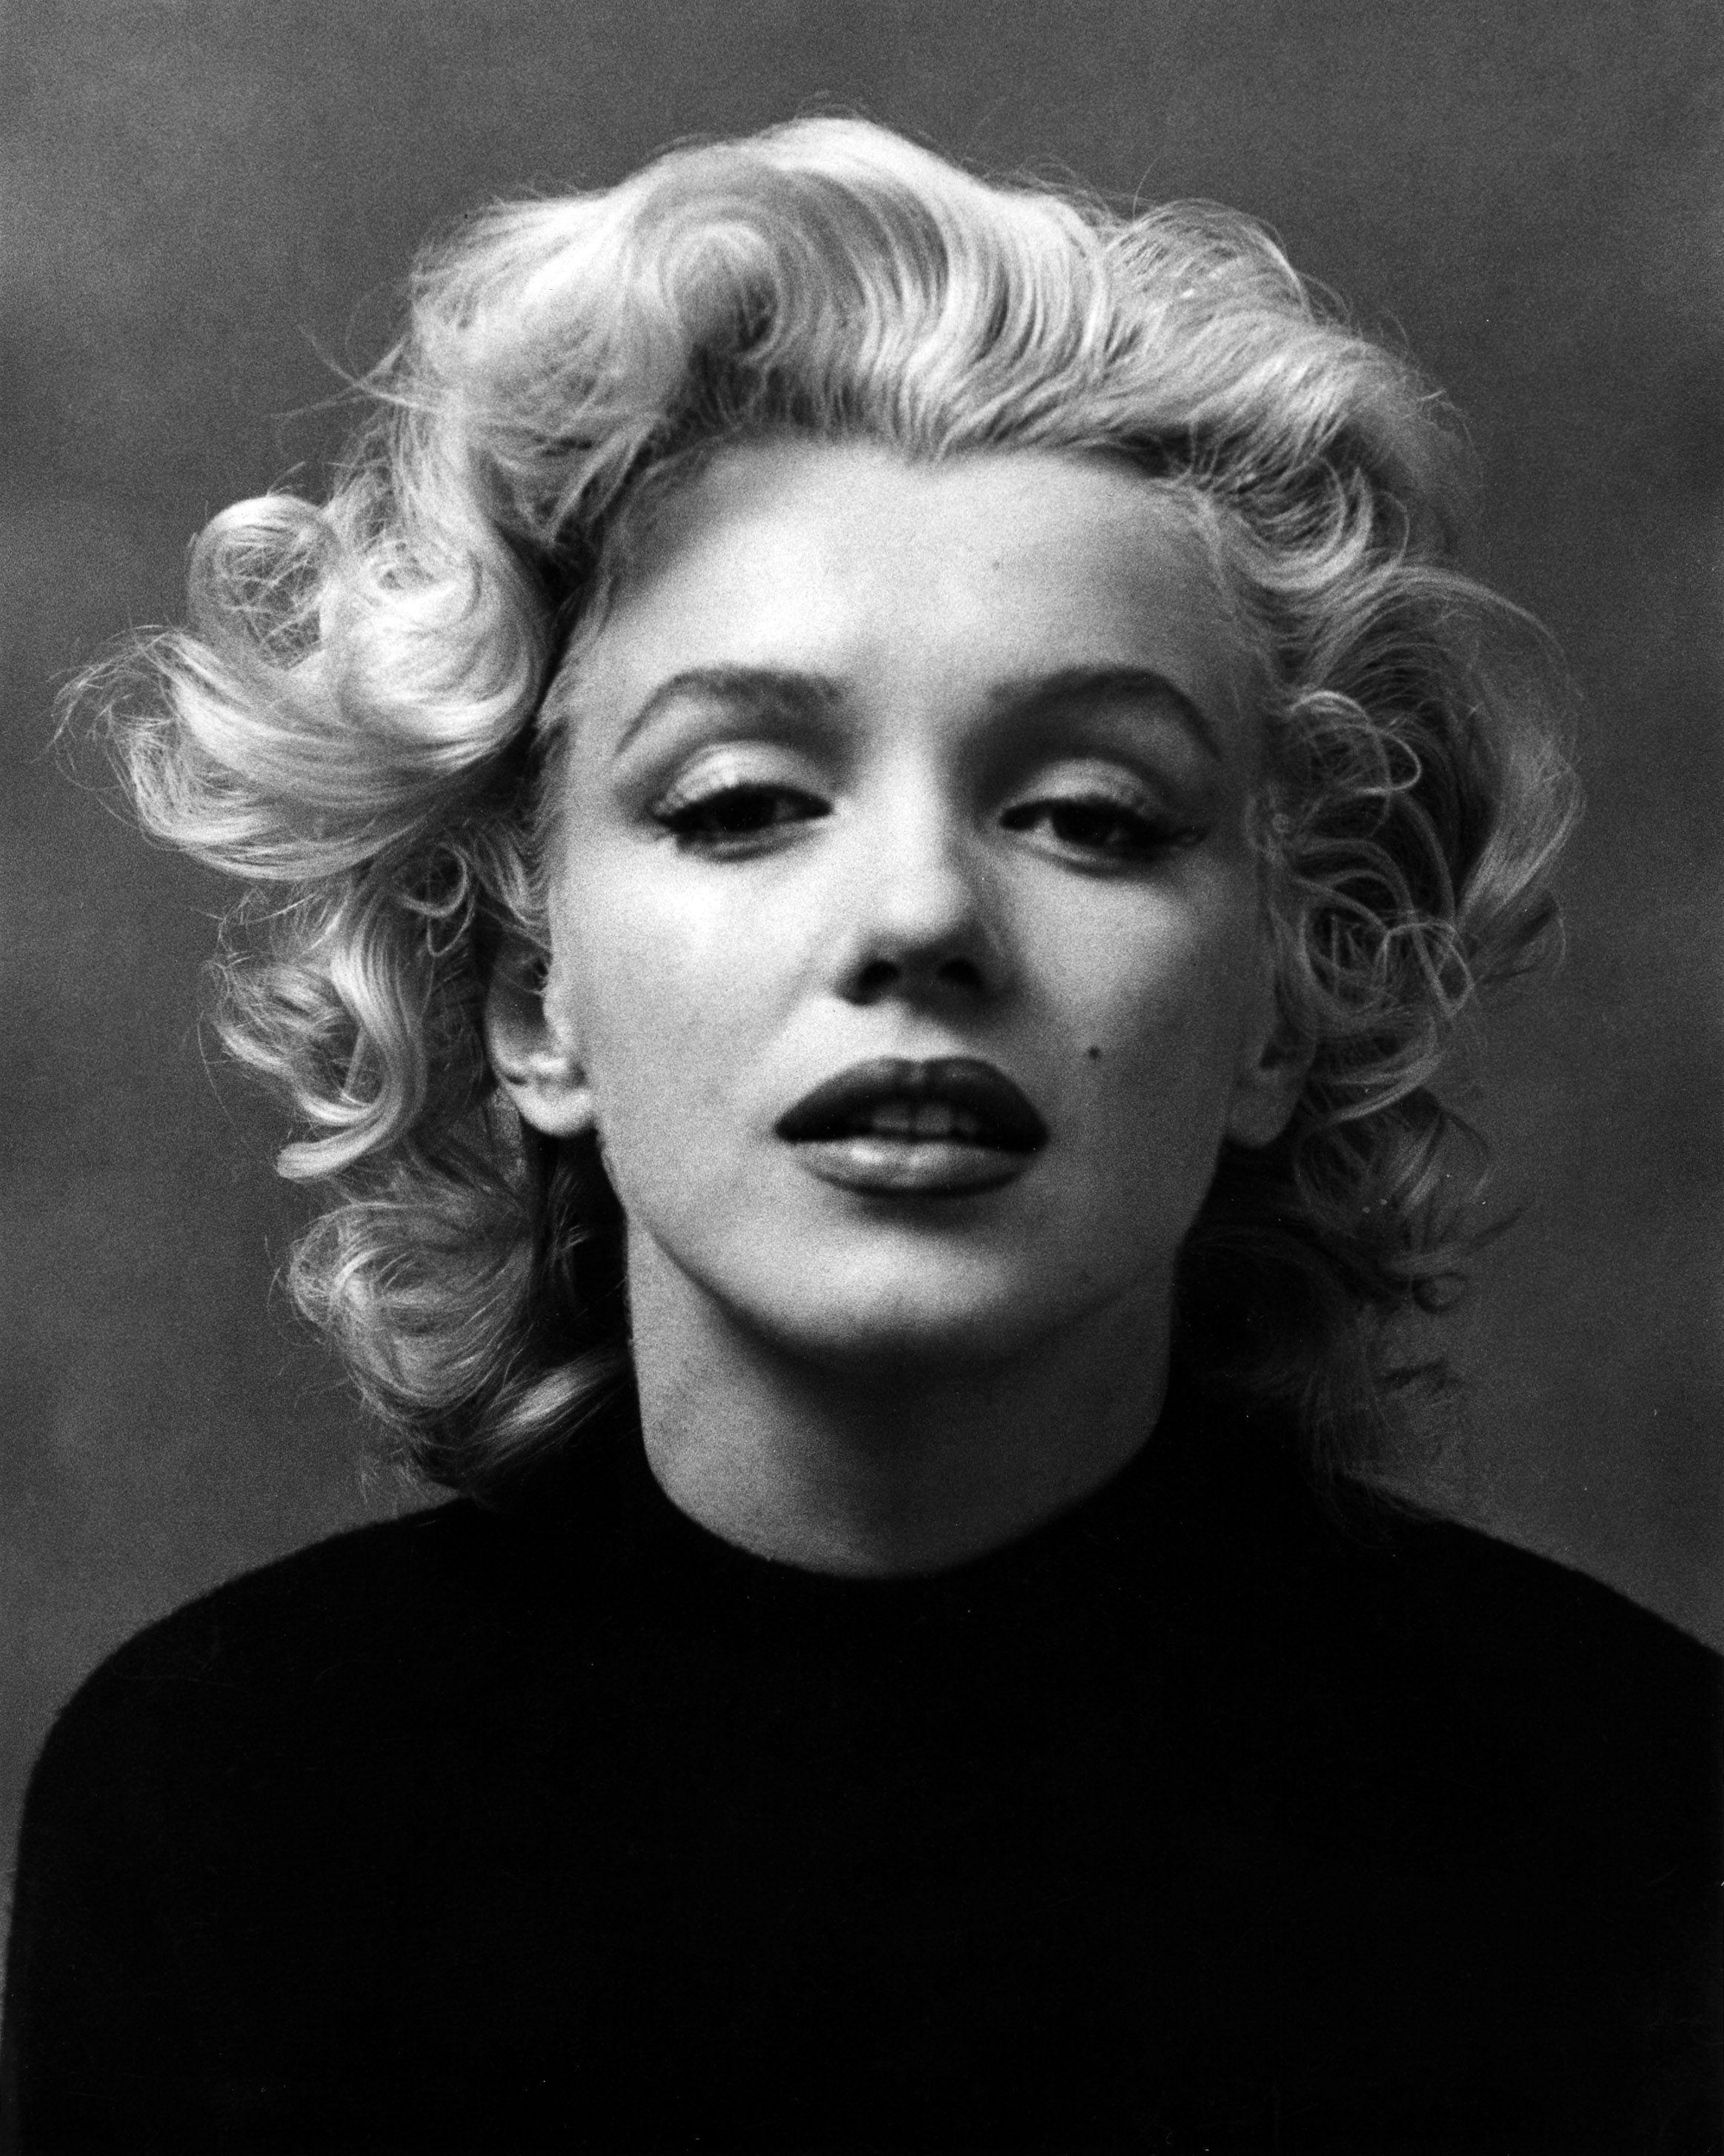 Frische Marilyn Monroe Frisuren Frisur Marilyn Monroe Zitate Norma Jeane Beruhmte Fotografen